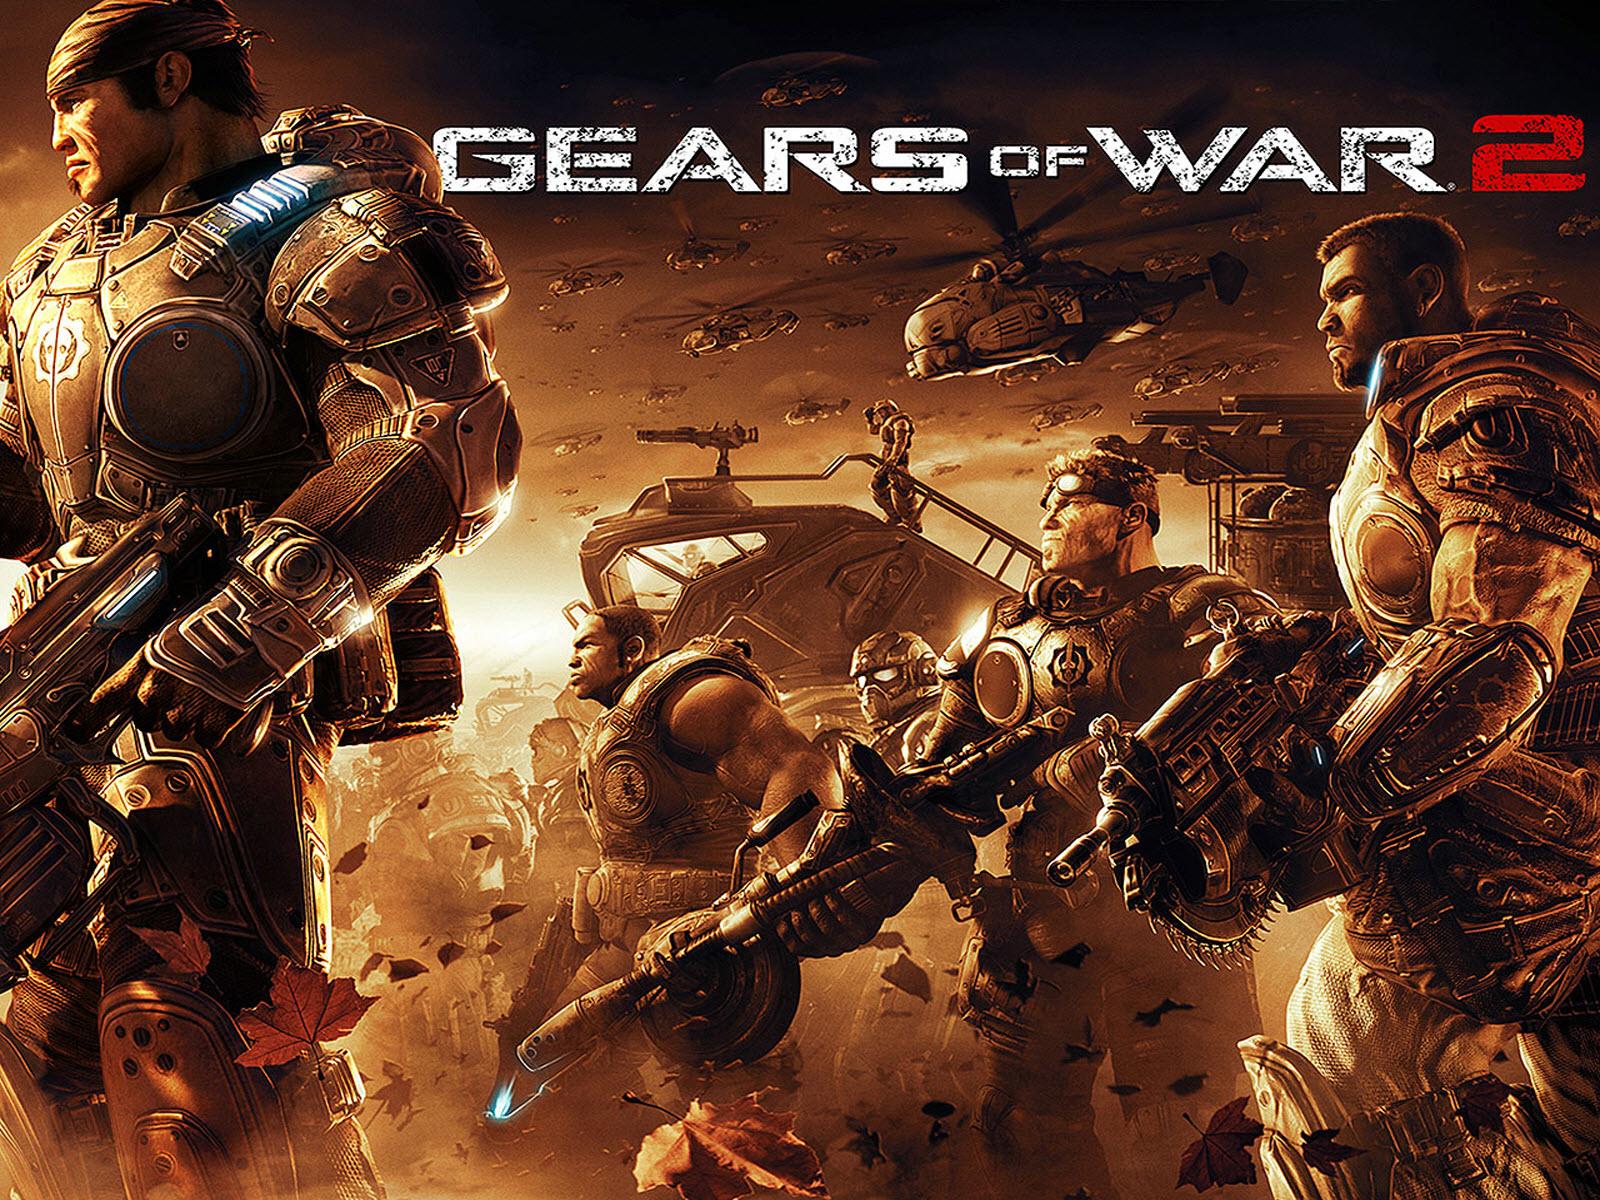 Les Dejo una Imagenes de Gears Of War Espero que les Guste 1600x1200